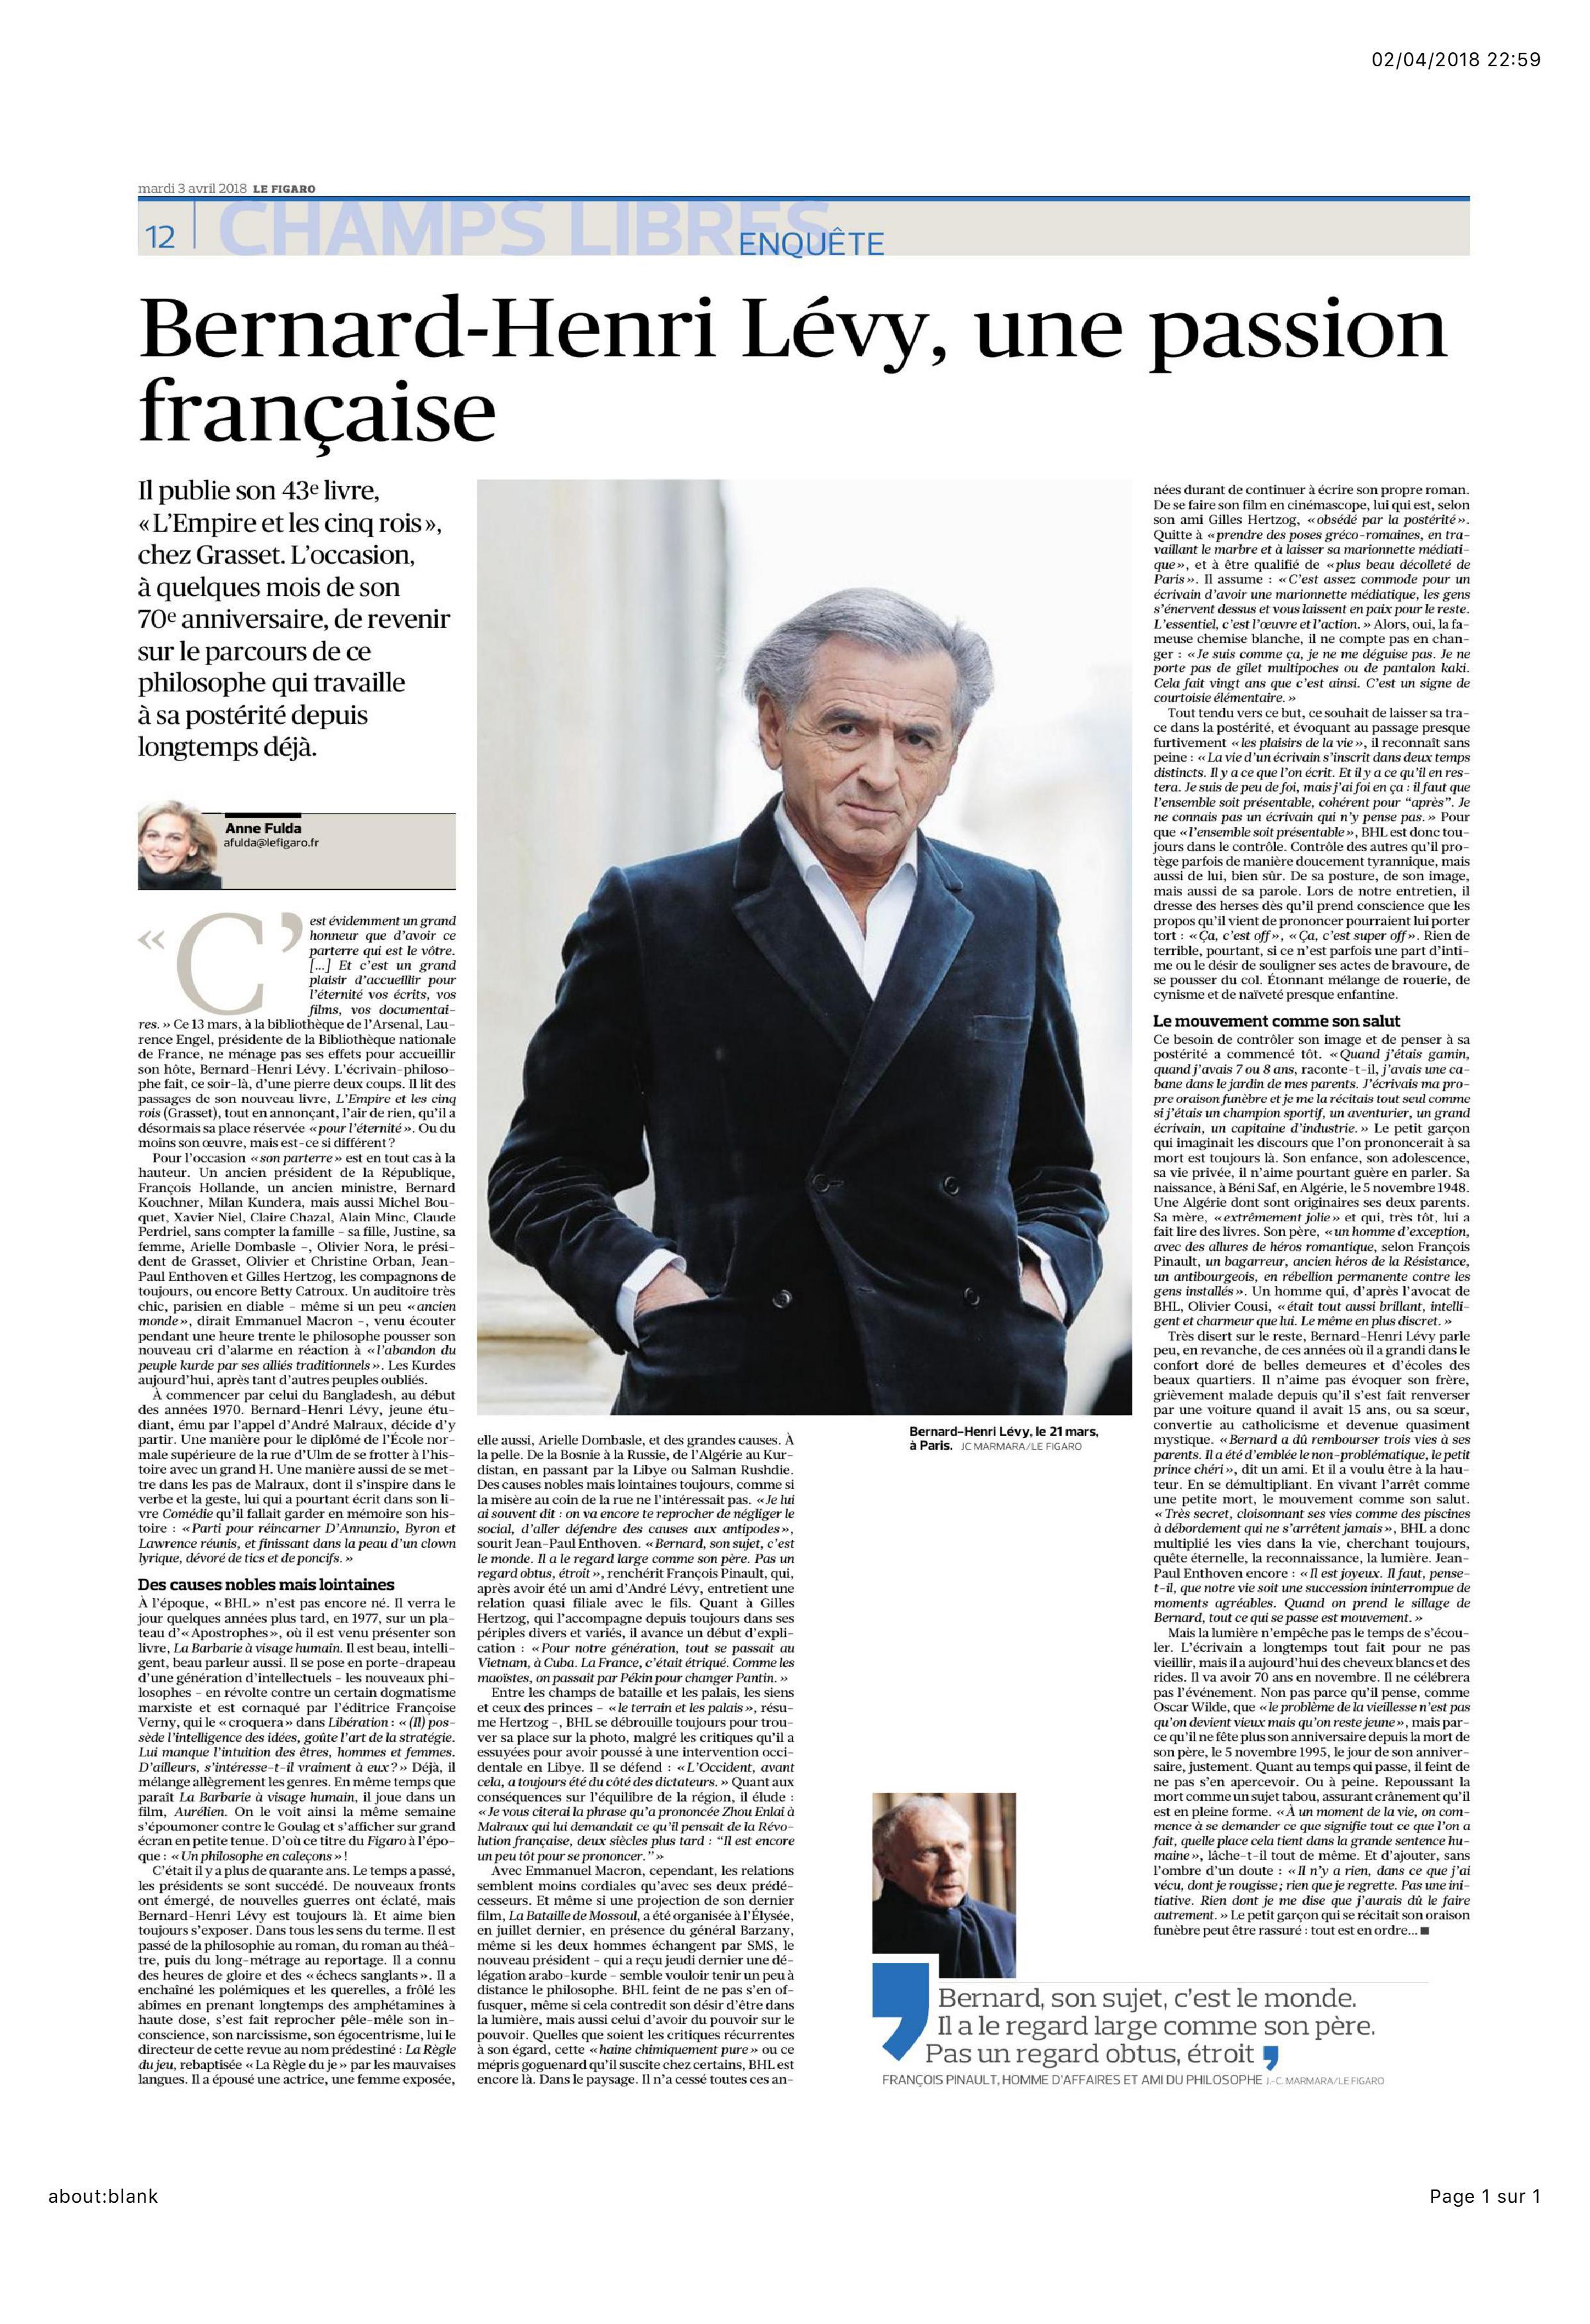 L'article sur «L'Empire et les cinq rois» de Bernard-Henri Lévy par Anne Fulda paru dans Le Figaro.